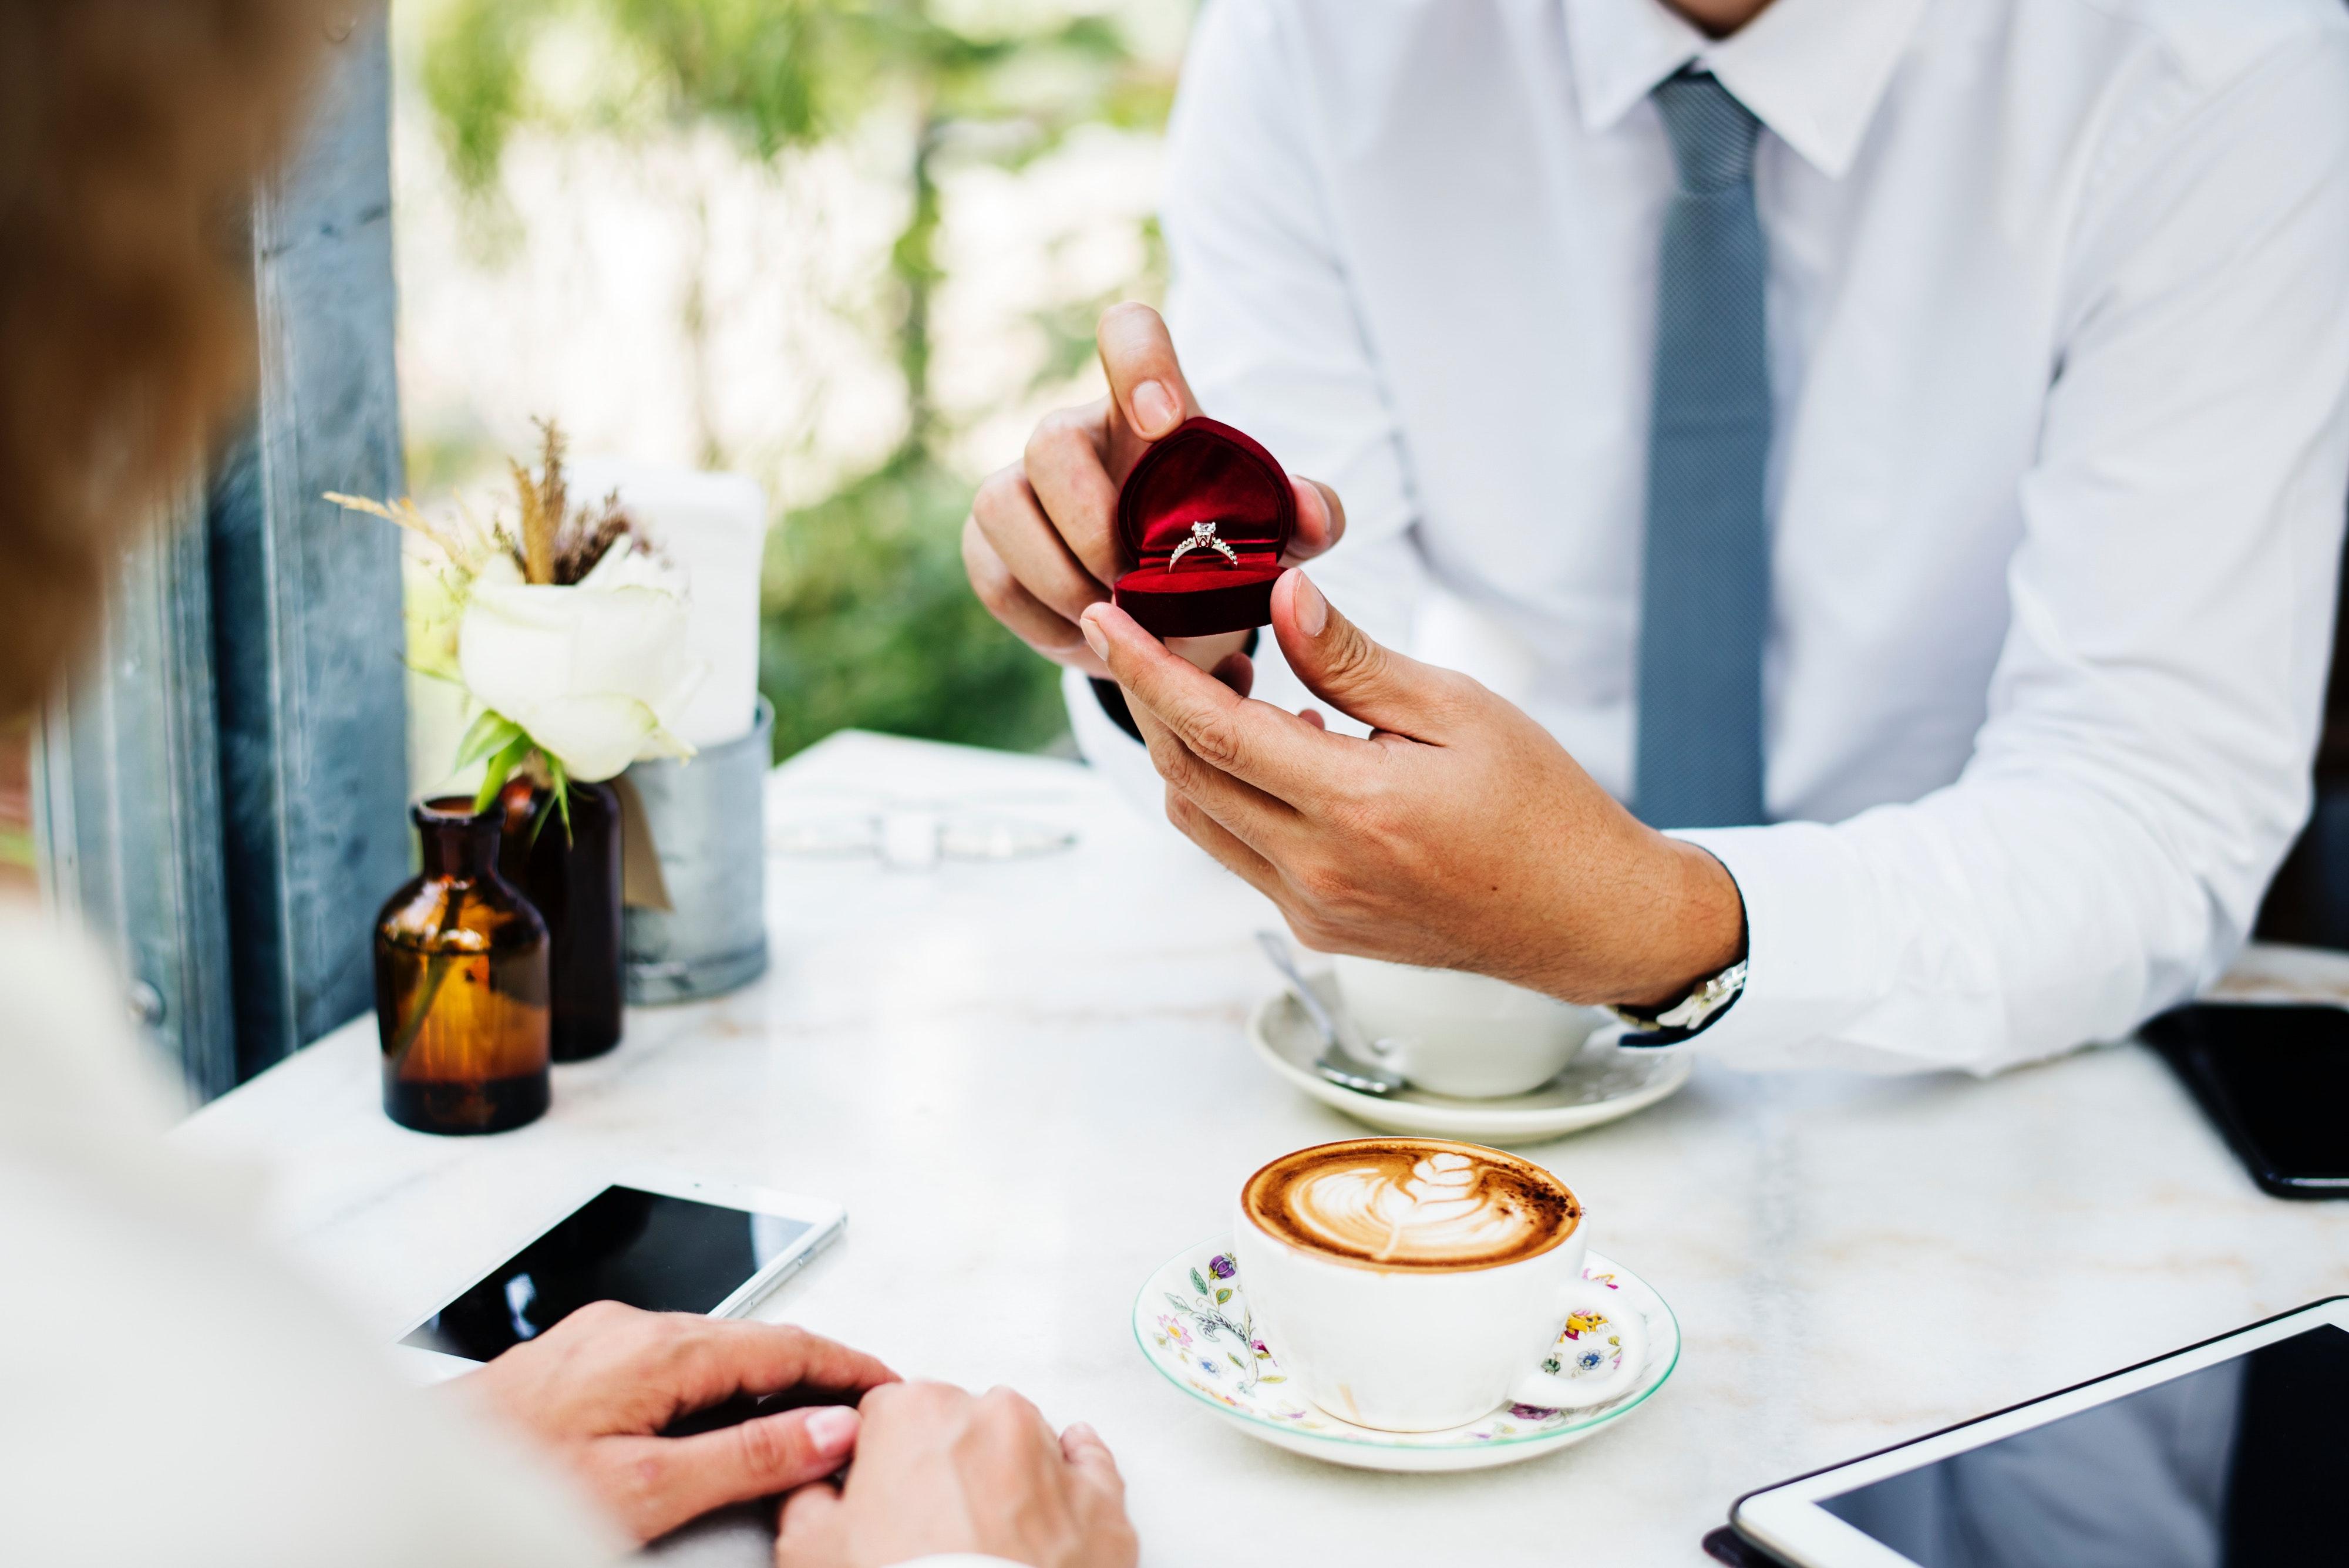 anniversary-boyfriend-cafe-1266016